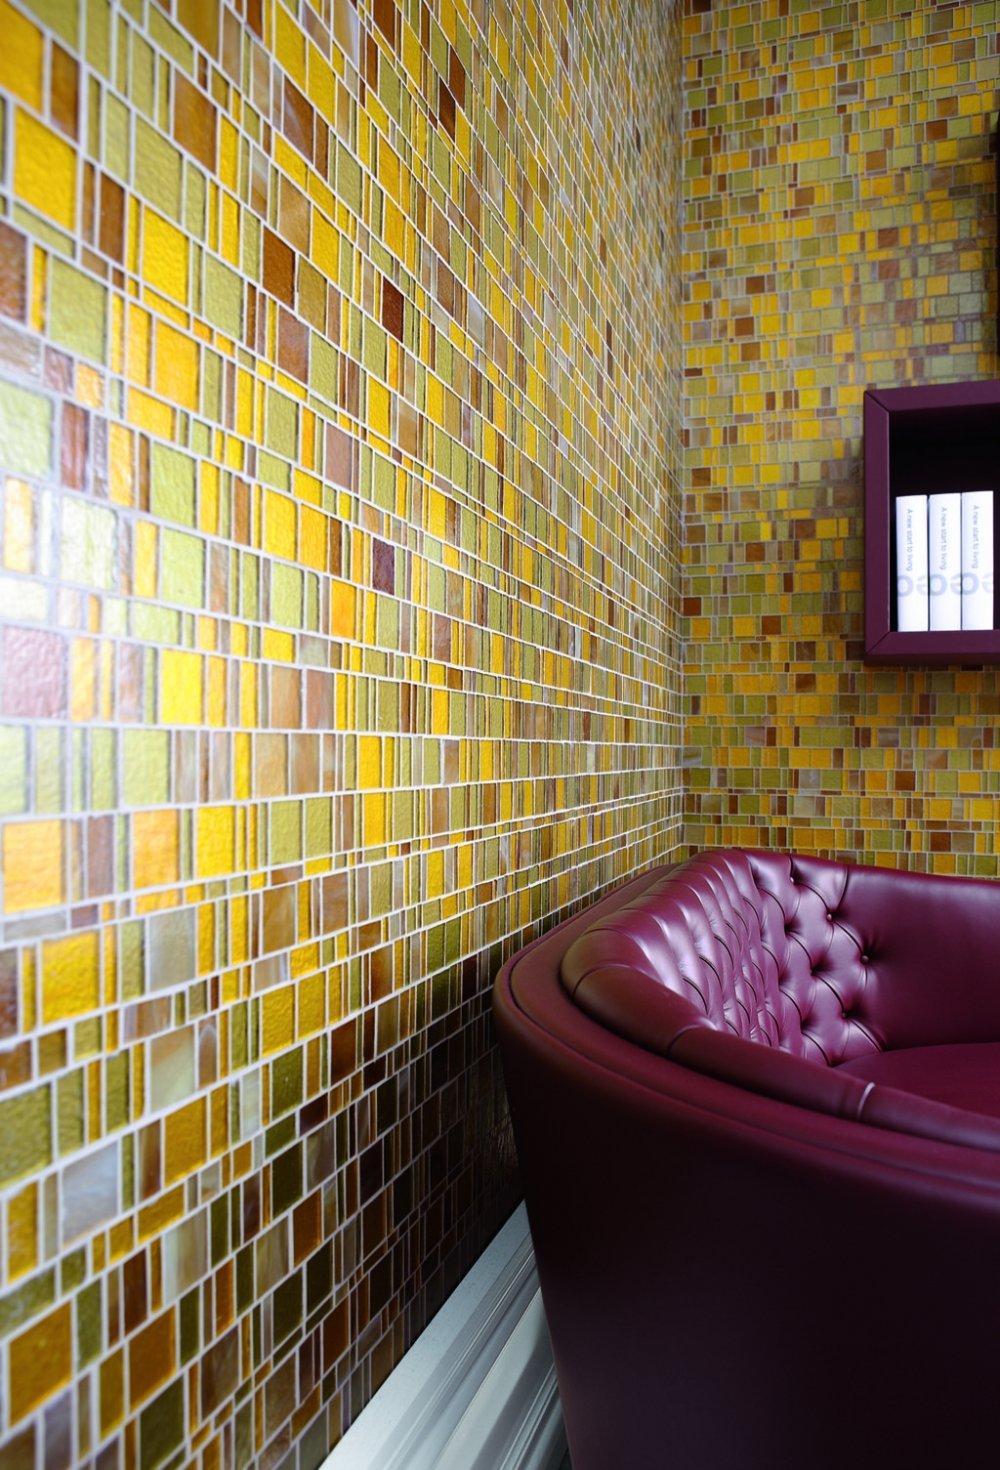 Стеклянная мозаика (55 фото): китайская плитка из цветного стекла на сетке, мозаичная керамическая продукция шириной 4 см